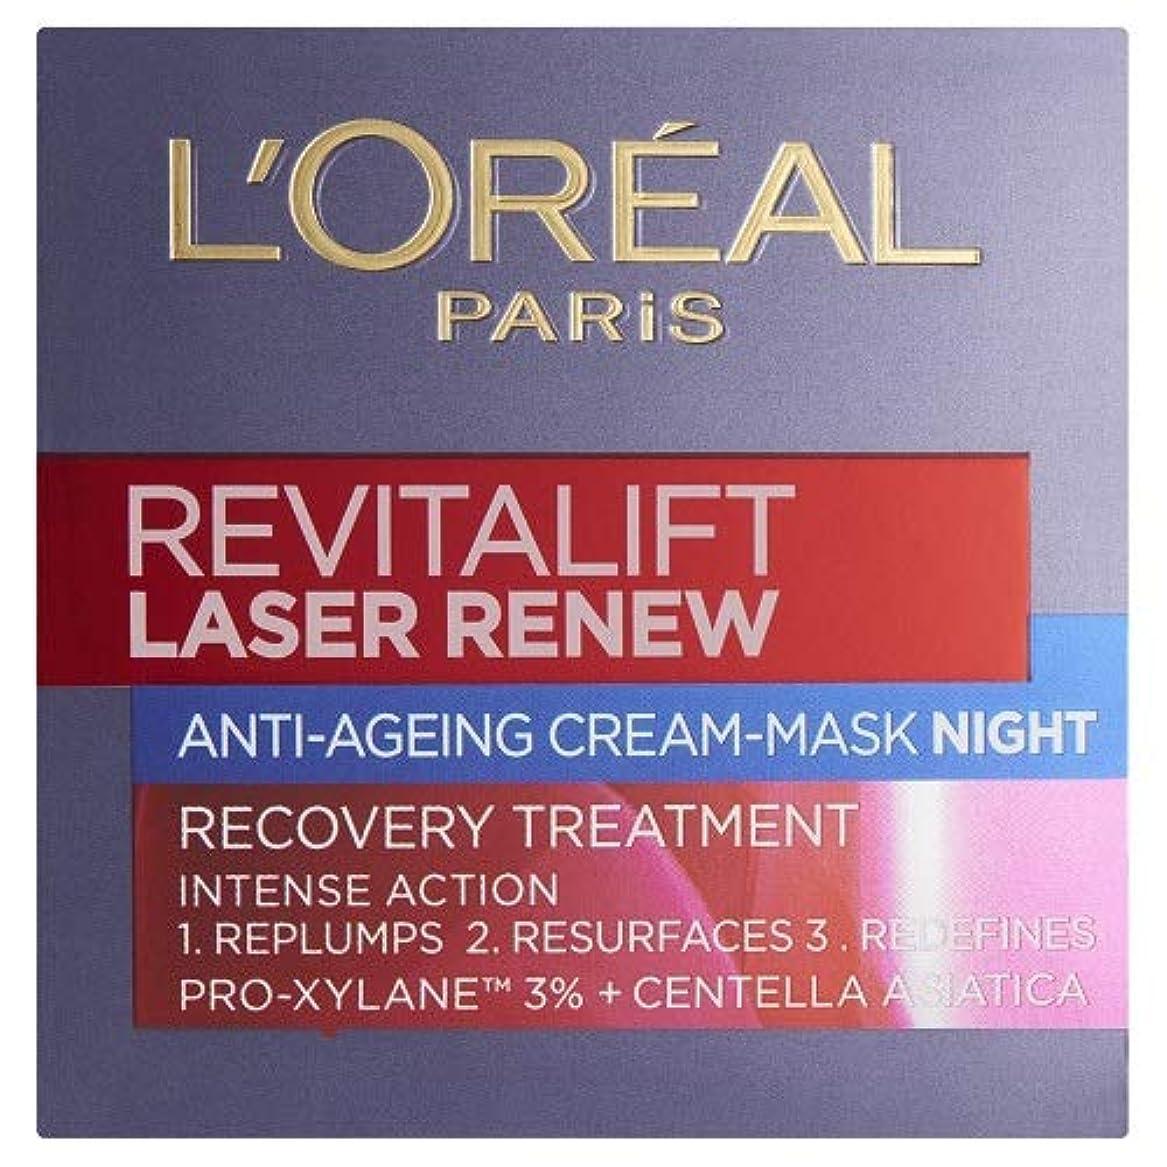 給料確立しますウサギL'Oreal Paris Revitalift Laser Renew Night Cream (50ml) パリrevitaliftレーザーはナイトクリームを更新l'オラ?ら( 50ミリリットル)